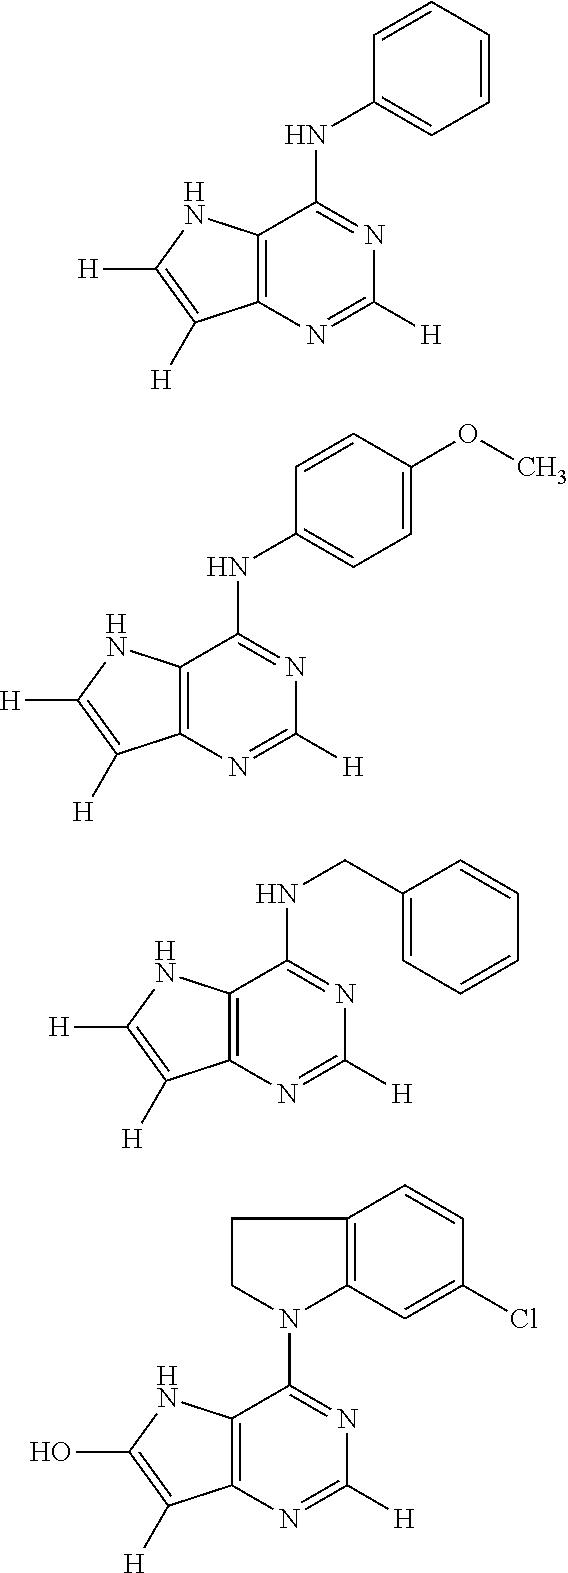 Figure US20110003805A1-20110106-C00006